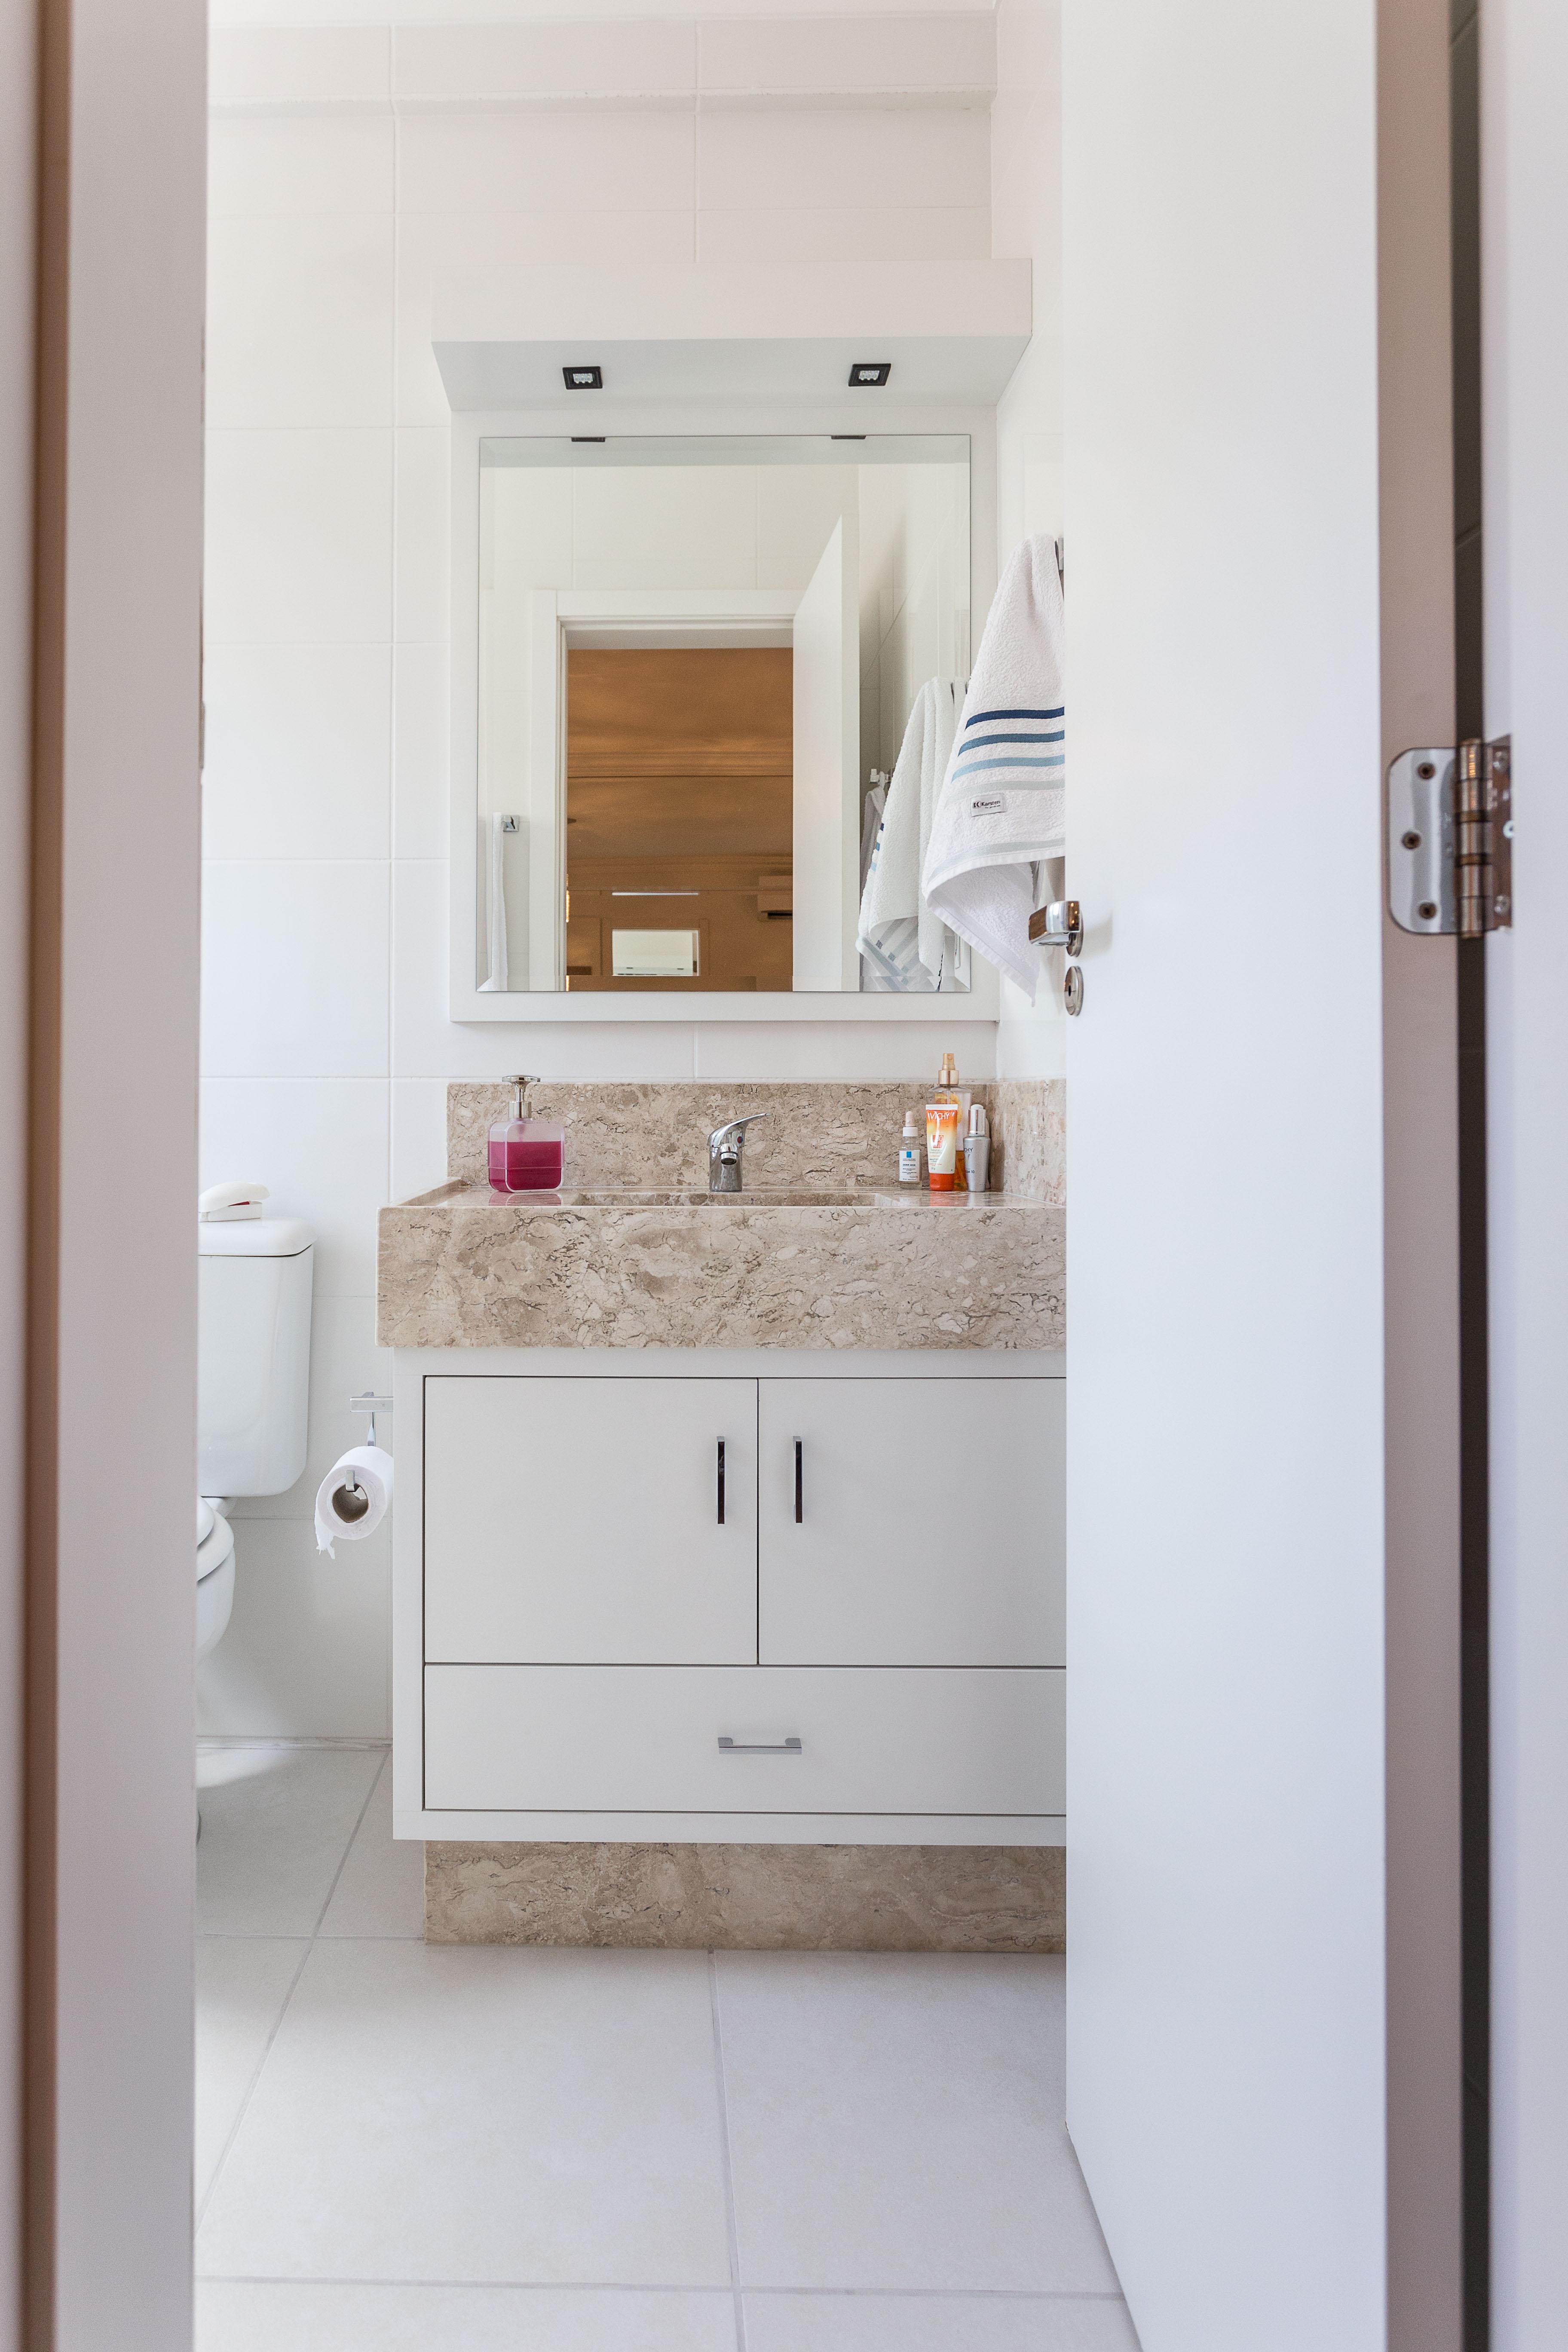 Banheiro Com Armario Embutido  rinkratmagcom banheiros decorados 2017 -> Armario De Banheiro Embutido